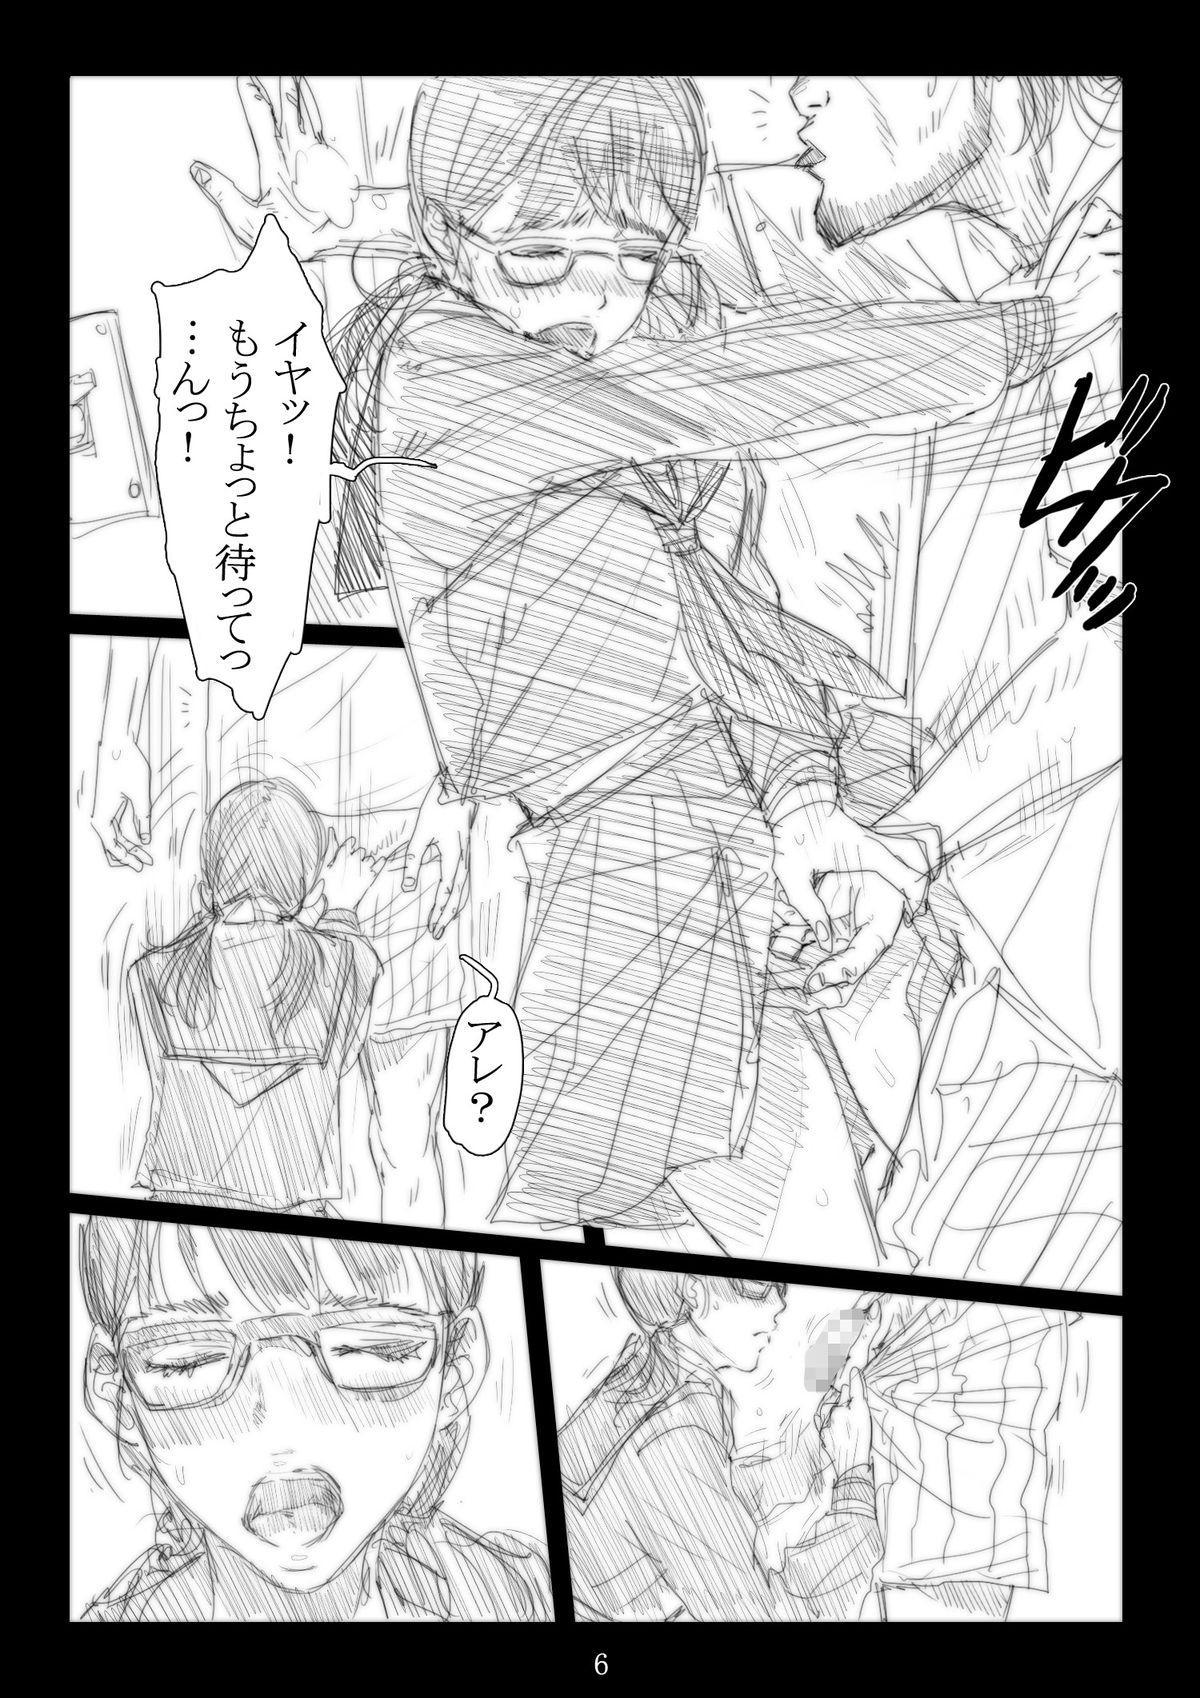 Renraku Tore nakatta 1-kkagetsukan Kanojo ni Nani ga Atta no ka... 2 6